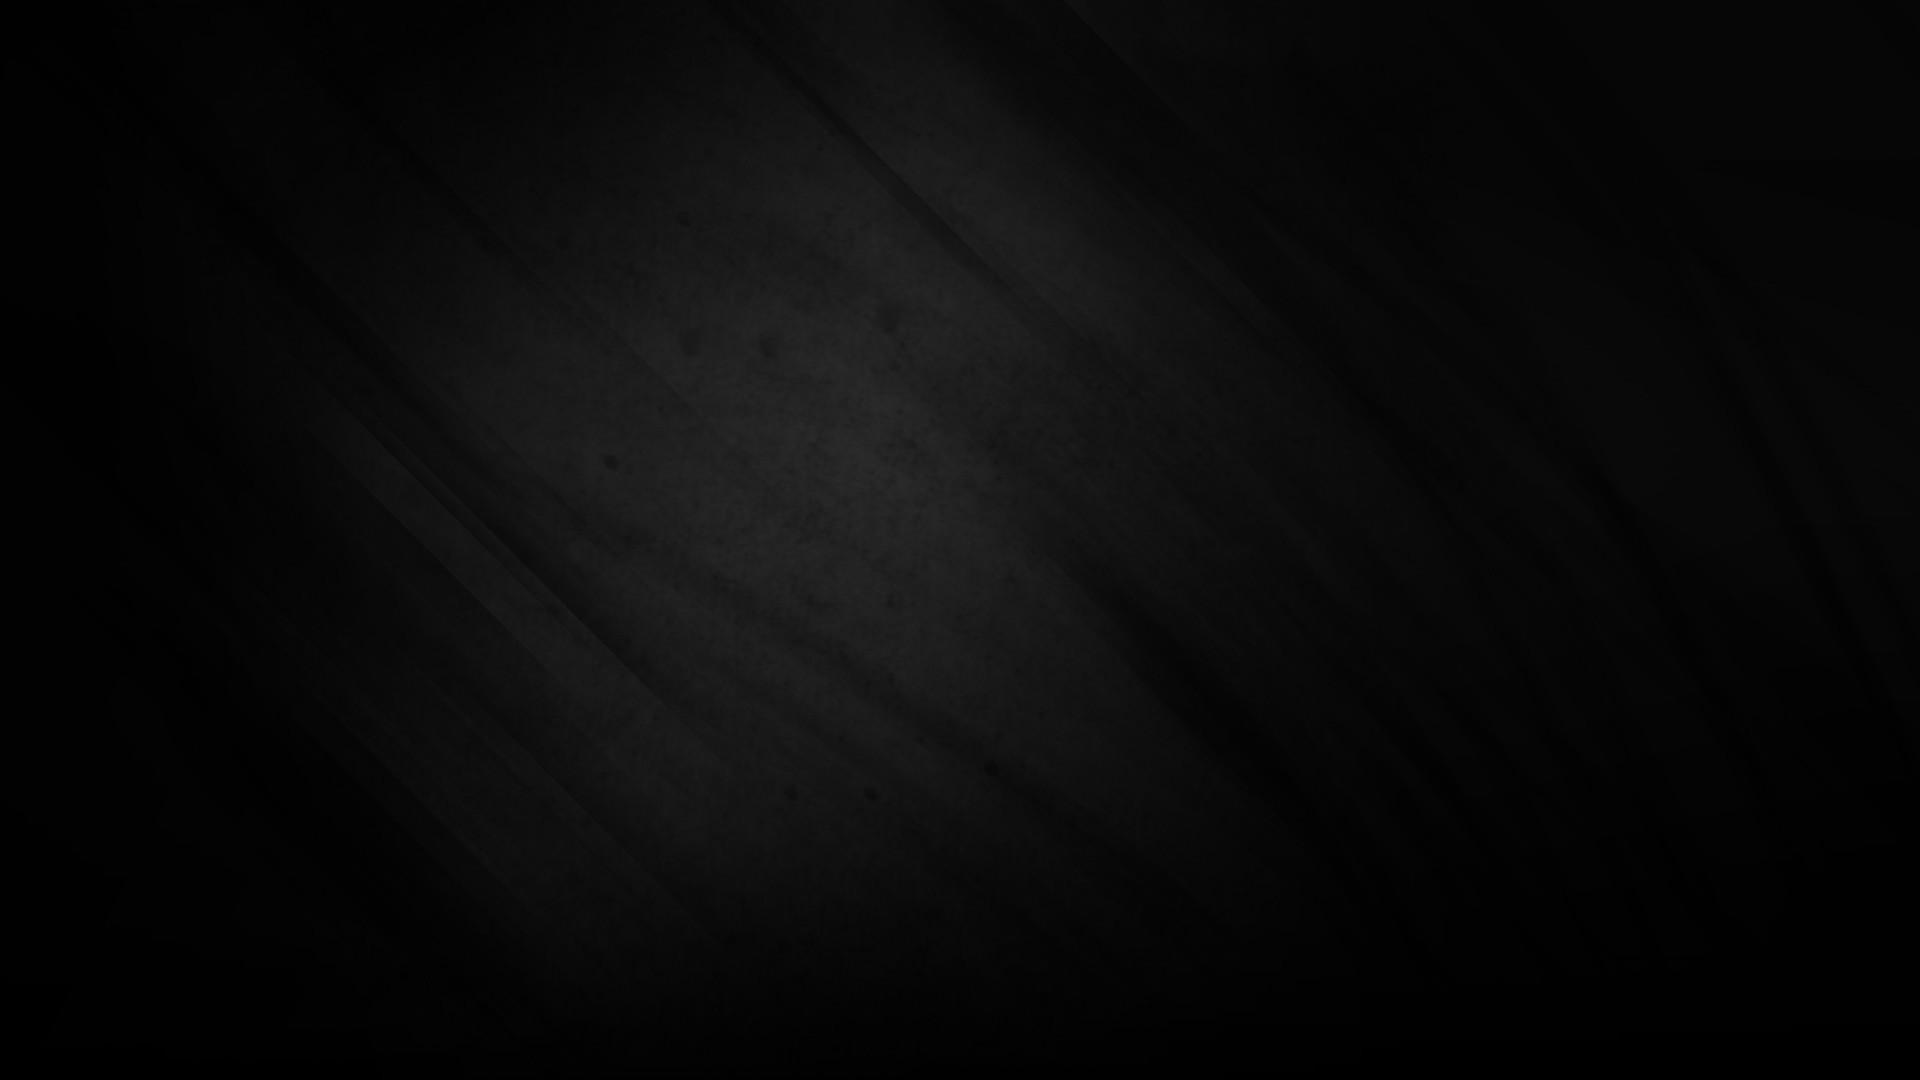 Solid Black Wallpaper 1920x1080 Wallpapertag